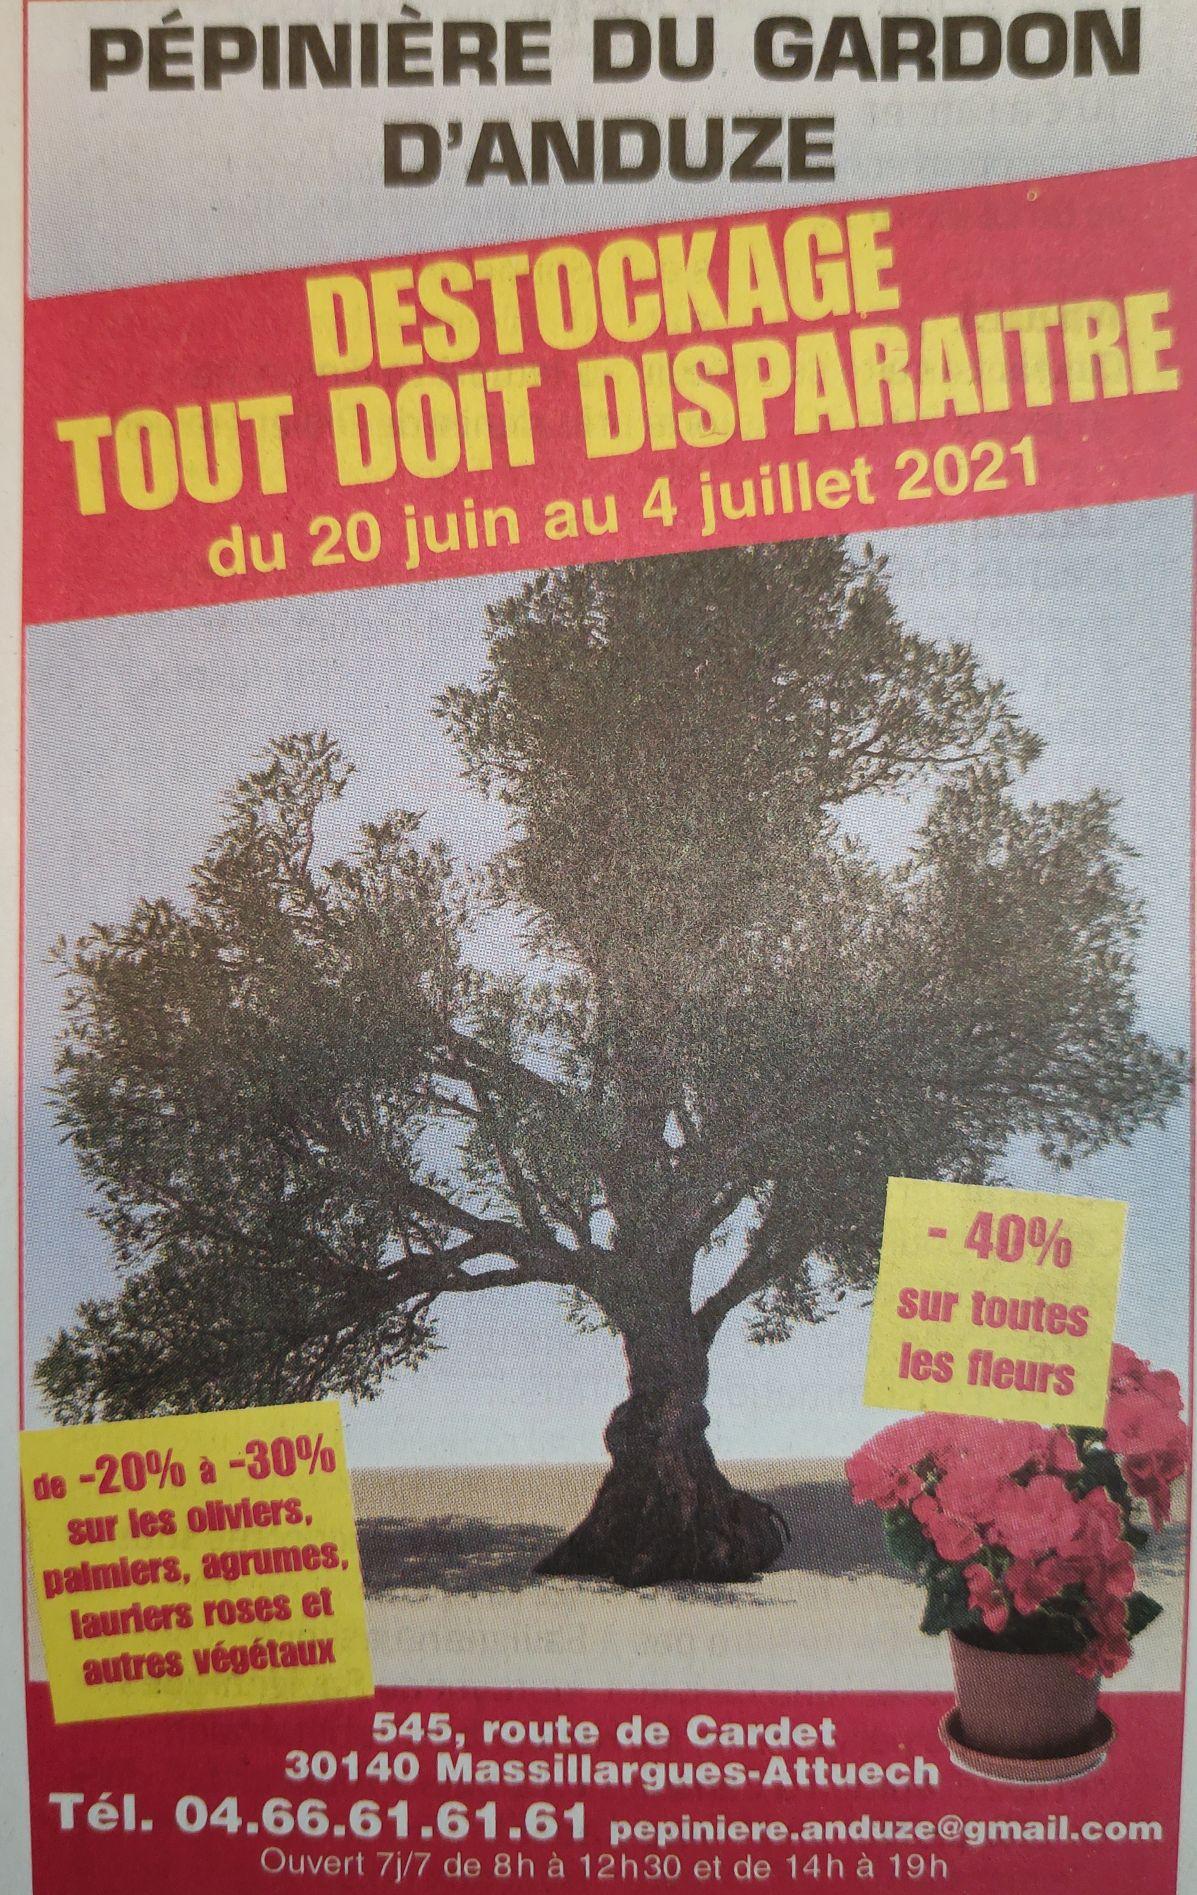 Jusqu'à 30% de réduction sur les arbres - Pépinière du Gardon d'Anduze Massillargues-Attuech (30)